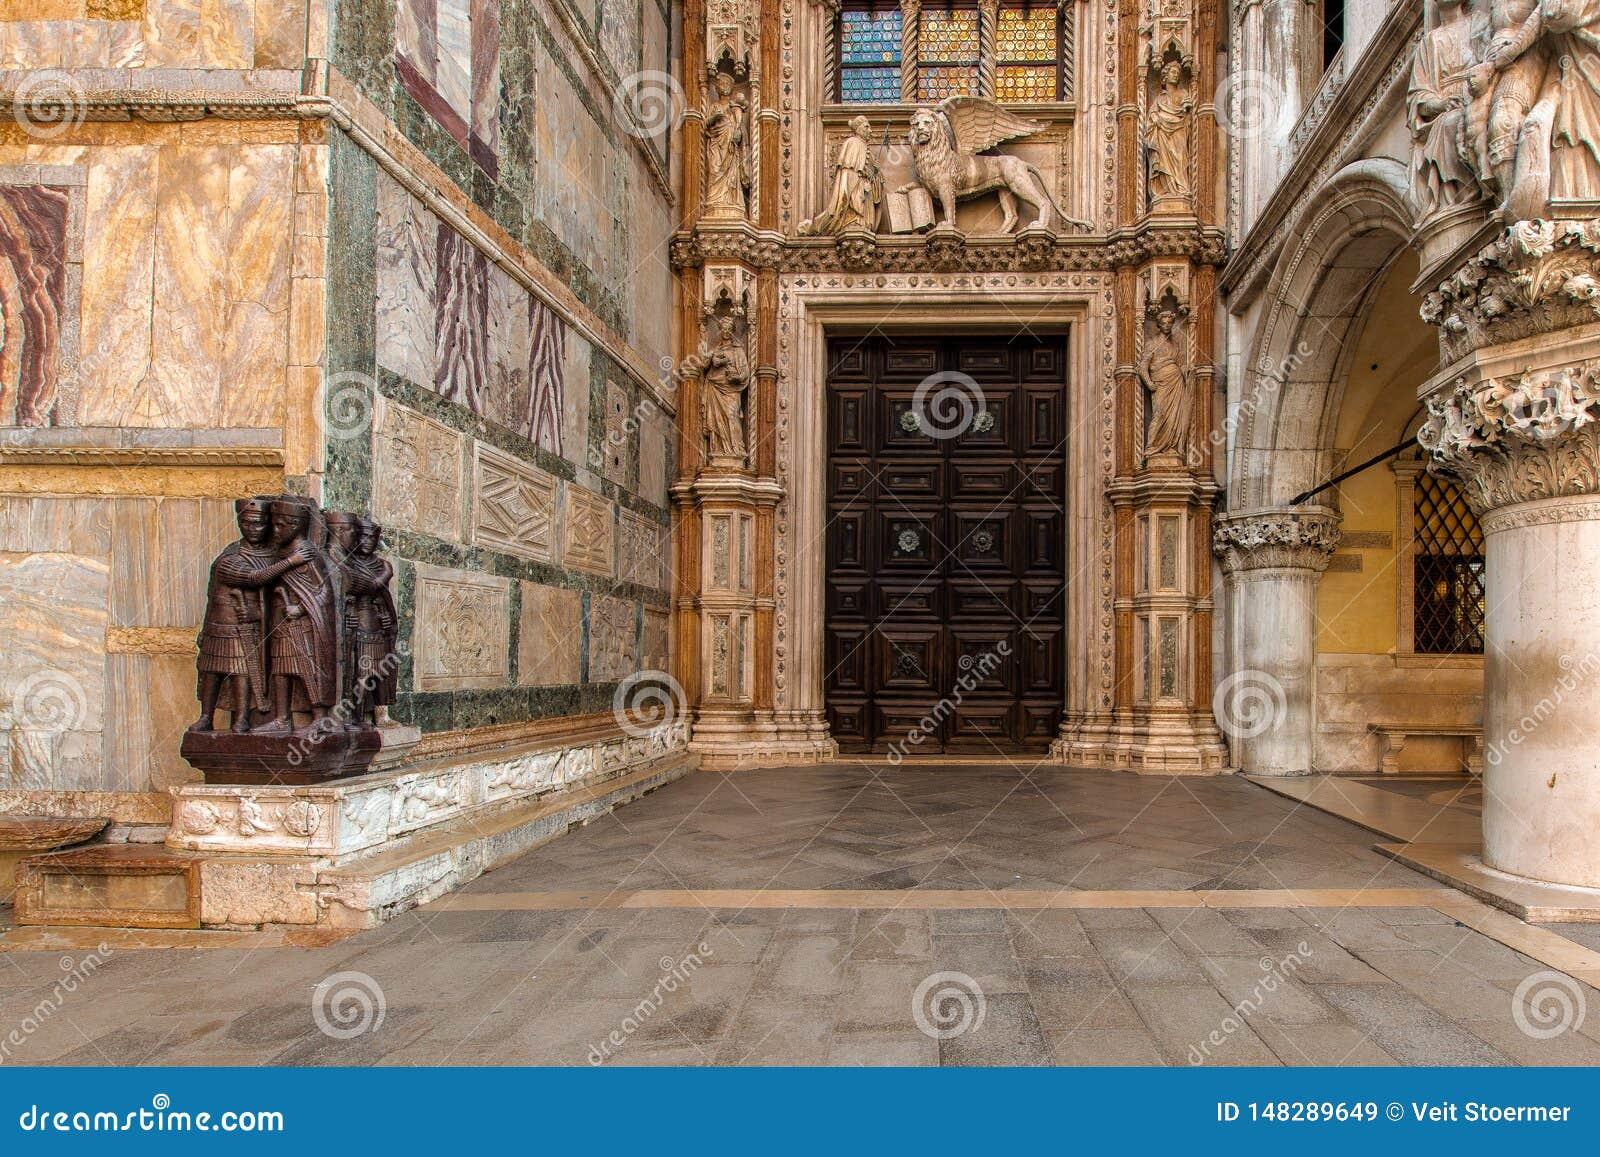 La entrada del palacio del dux